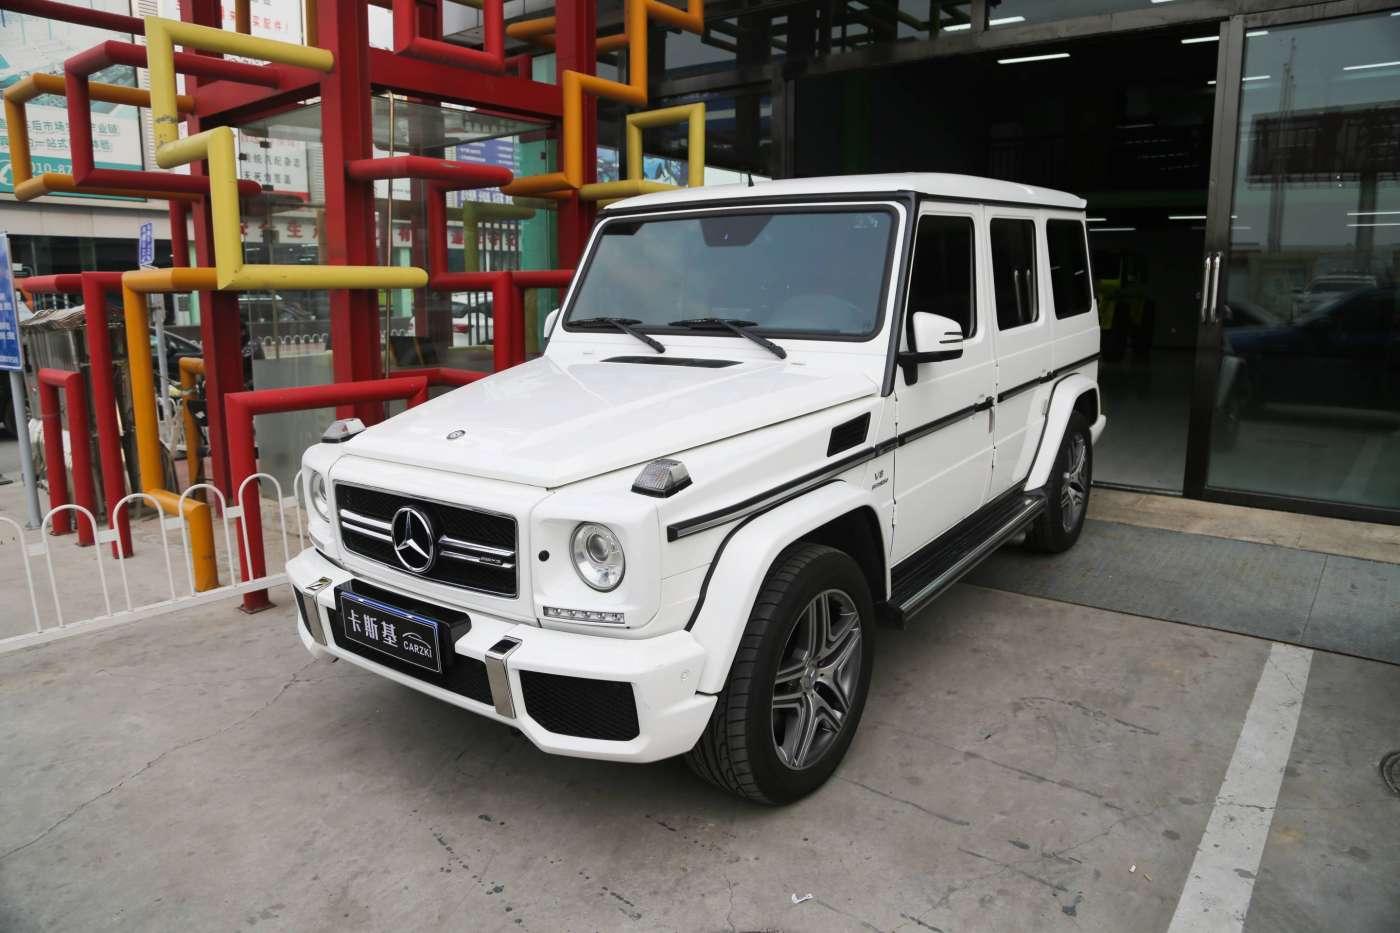 卡斯基甄选易手奔驰G级AMG 2013款 AMG G 63|甄选奔驰-北京卡斯基汽车服务有限公司